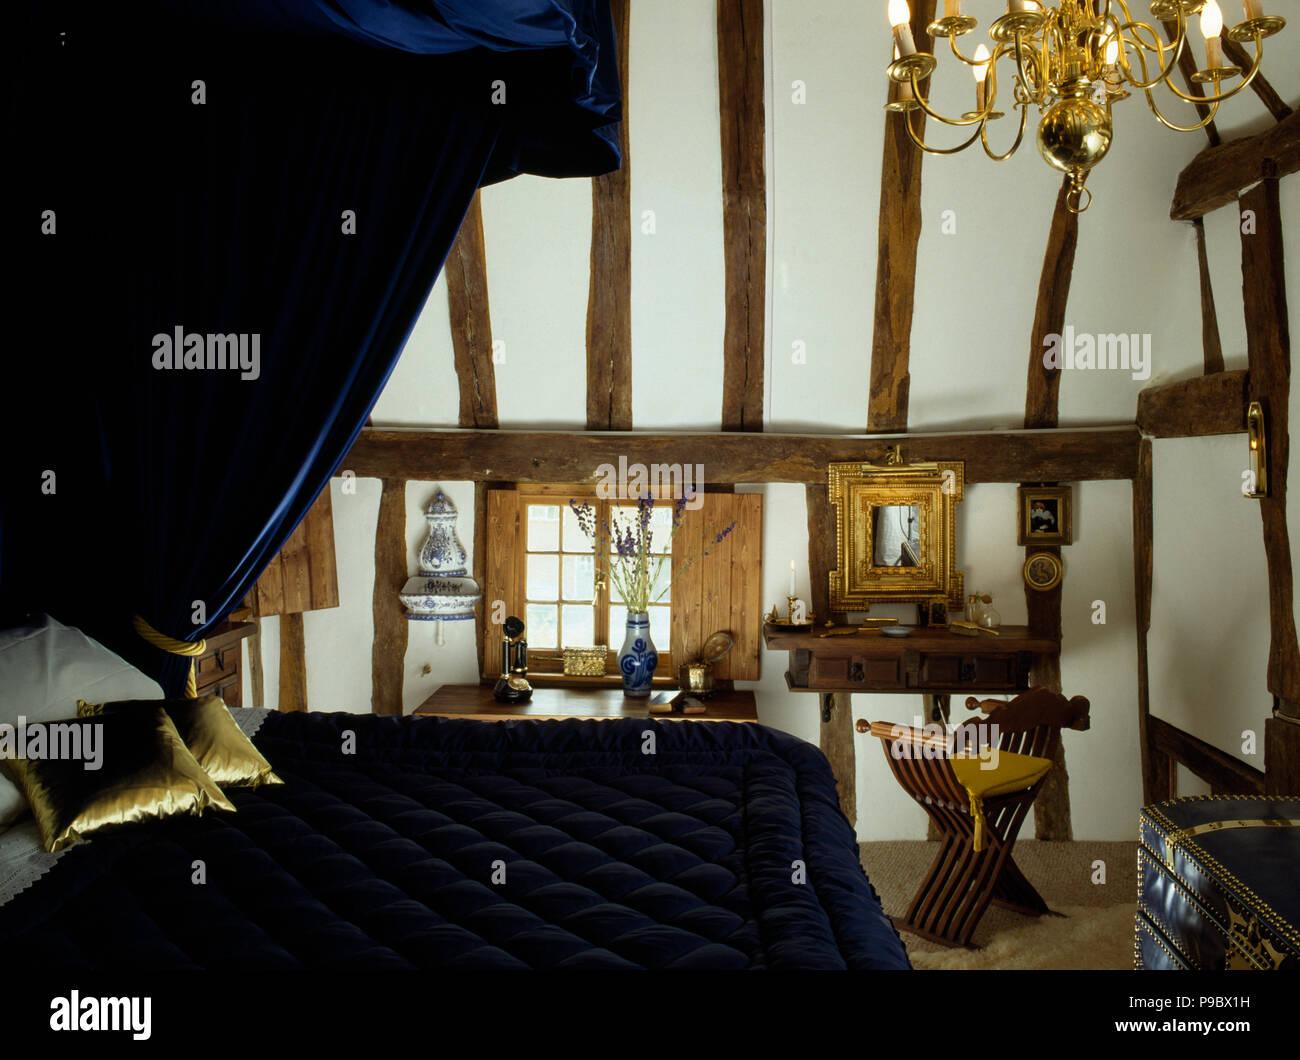 Blaue Vorhänge Und Quilt Auf Die Hälfte Tester Bett Mit Gold Kissen In Der  90er Jahren Strahlte Schlafzimmer